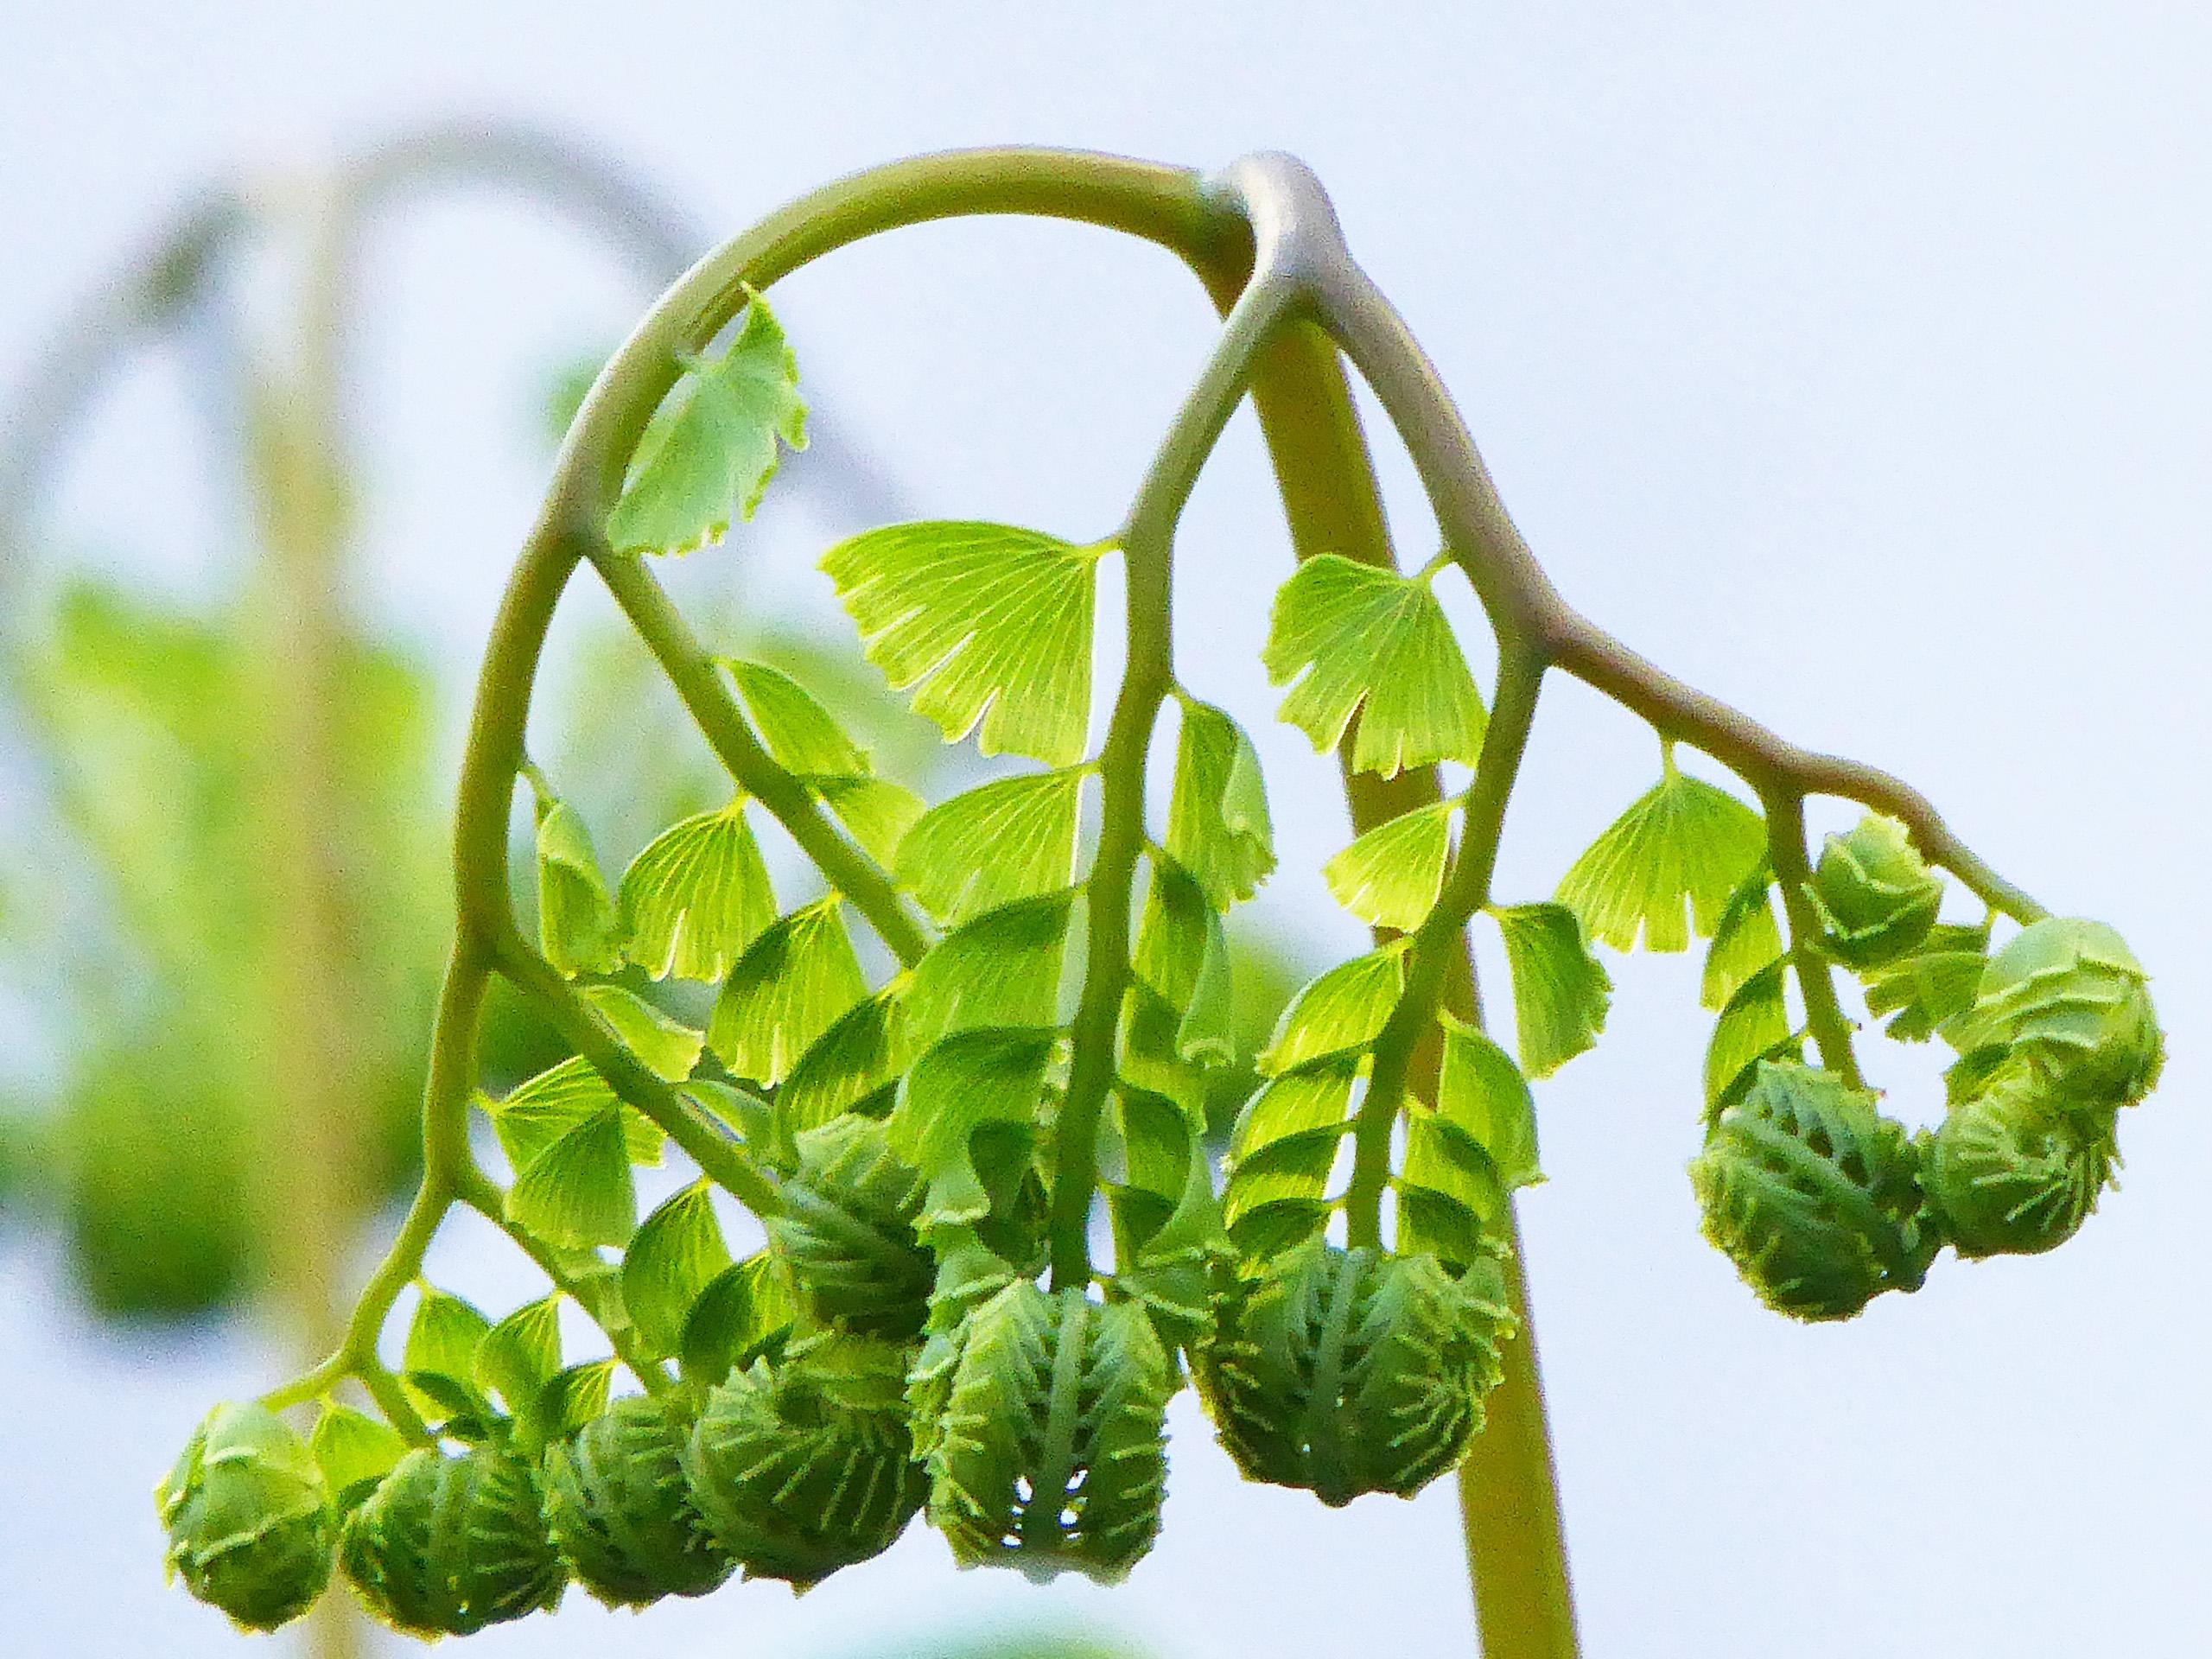 Fern buds